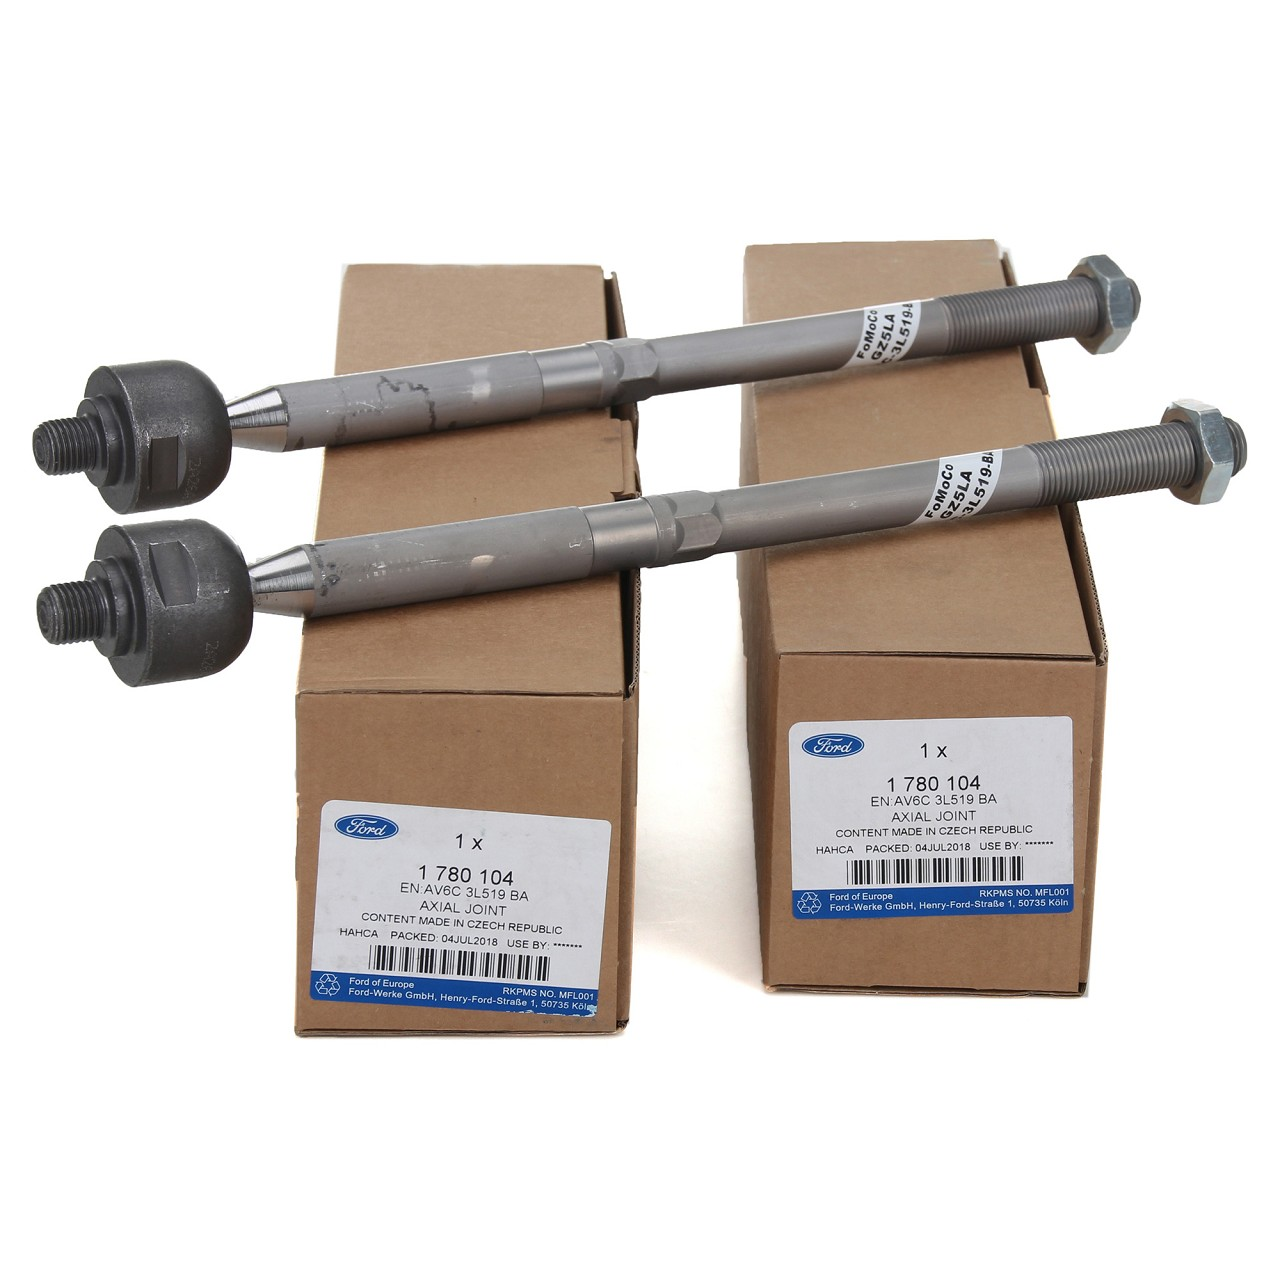 2x ORIGINAL Ford Spurstange Axialgelenk C-MAX KUGA 1 & 2 FOCUS 3 vorne 1780104